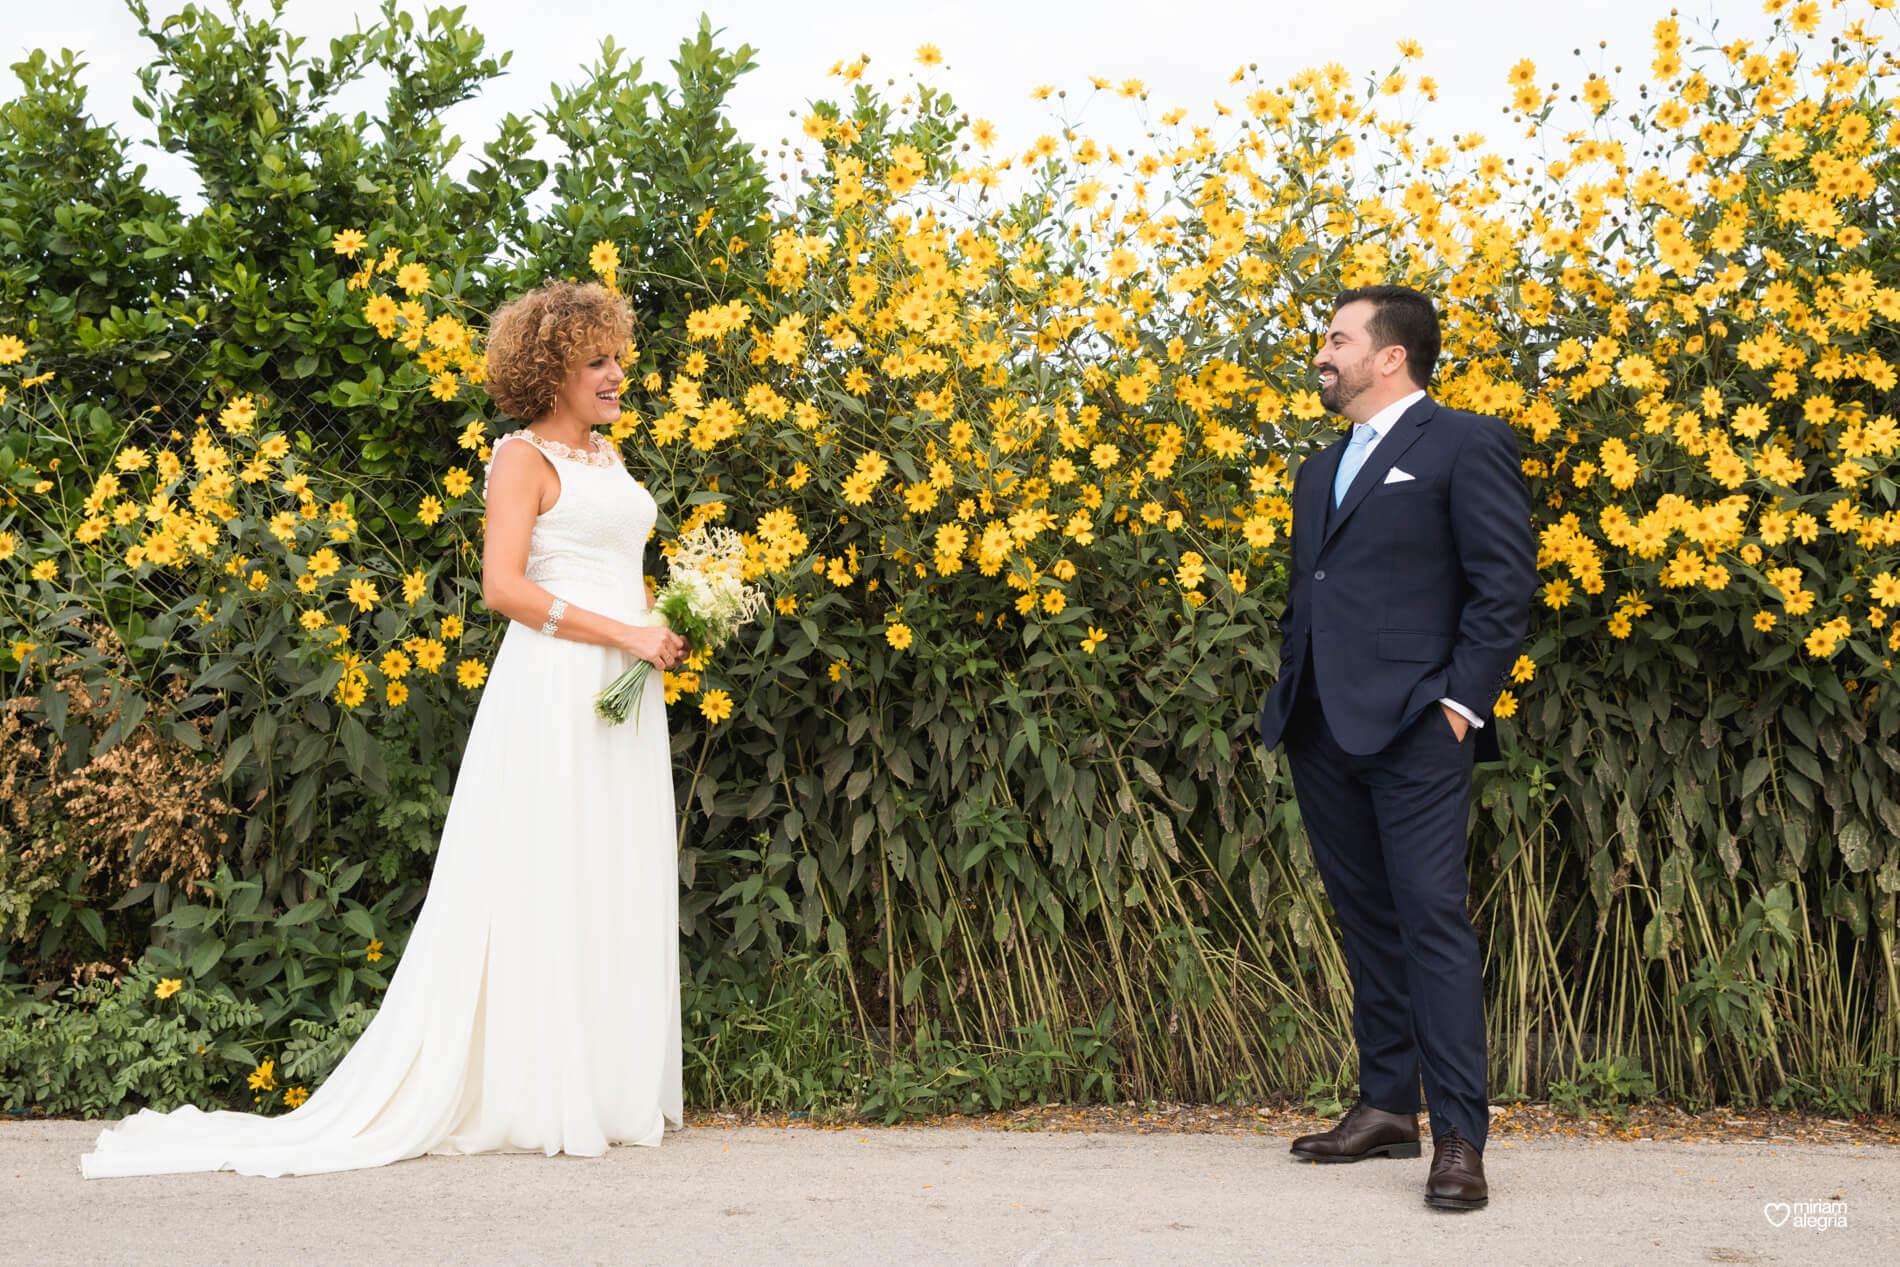 boda-en-finca-la-carrasca-miriam-alegria-92